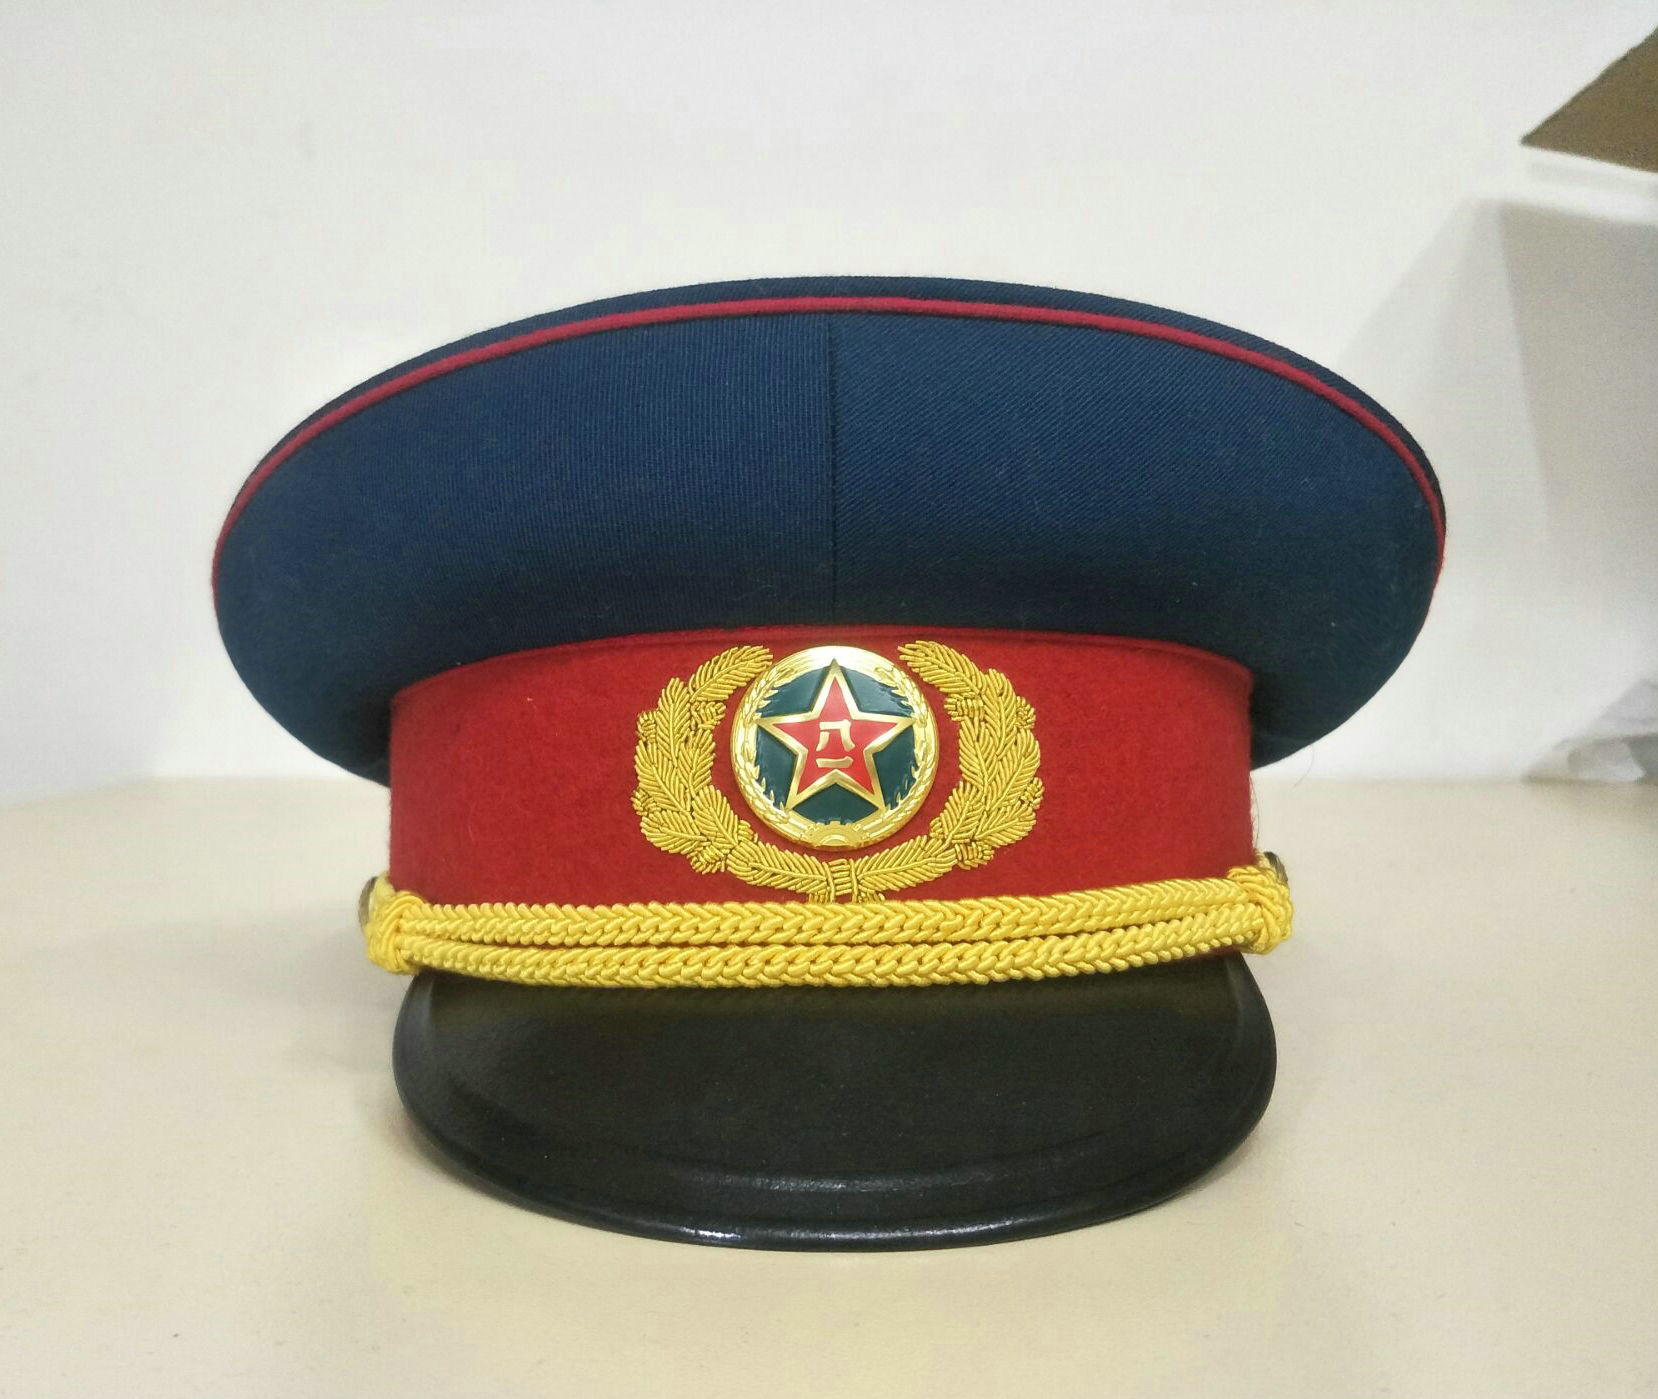 Купить Сувениры с военной тематикой в Китае, в интернет магазине таобао на русском языке